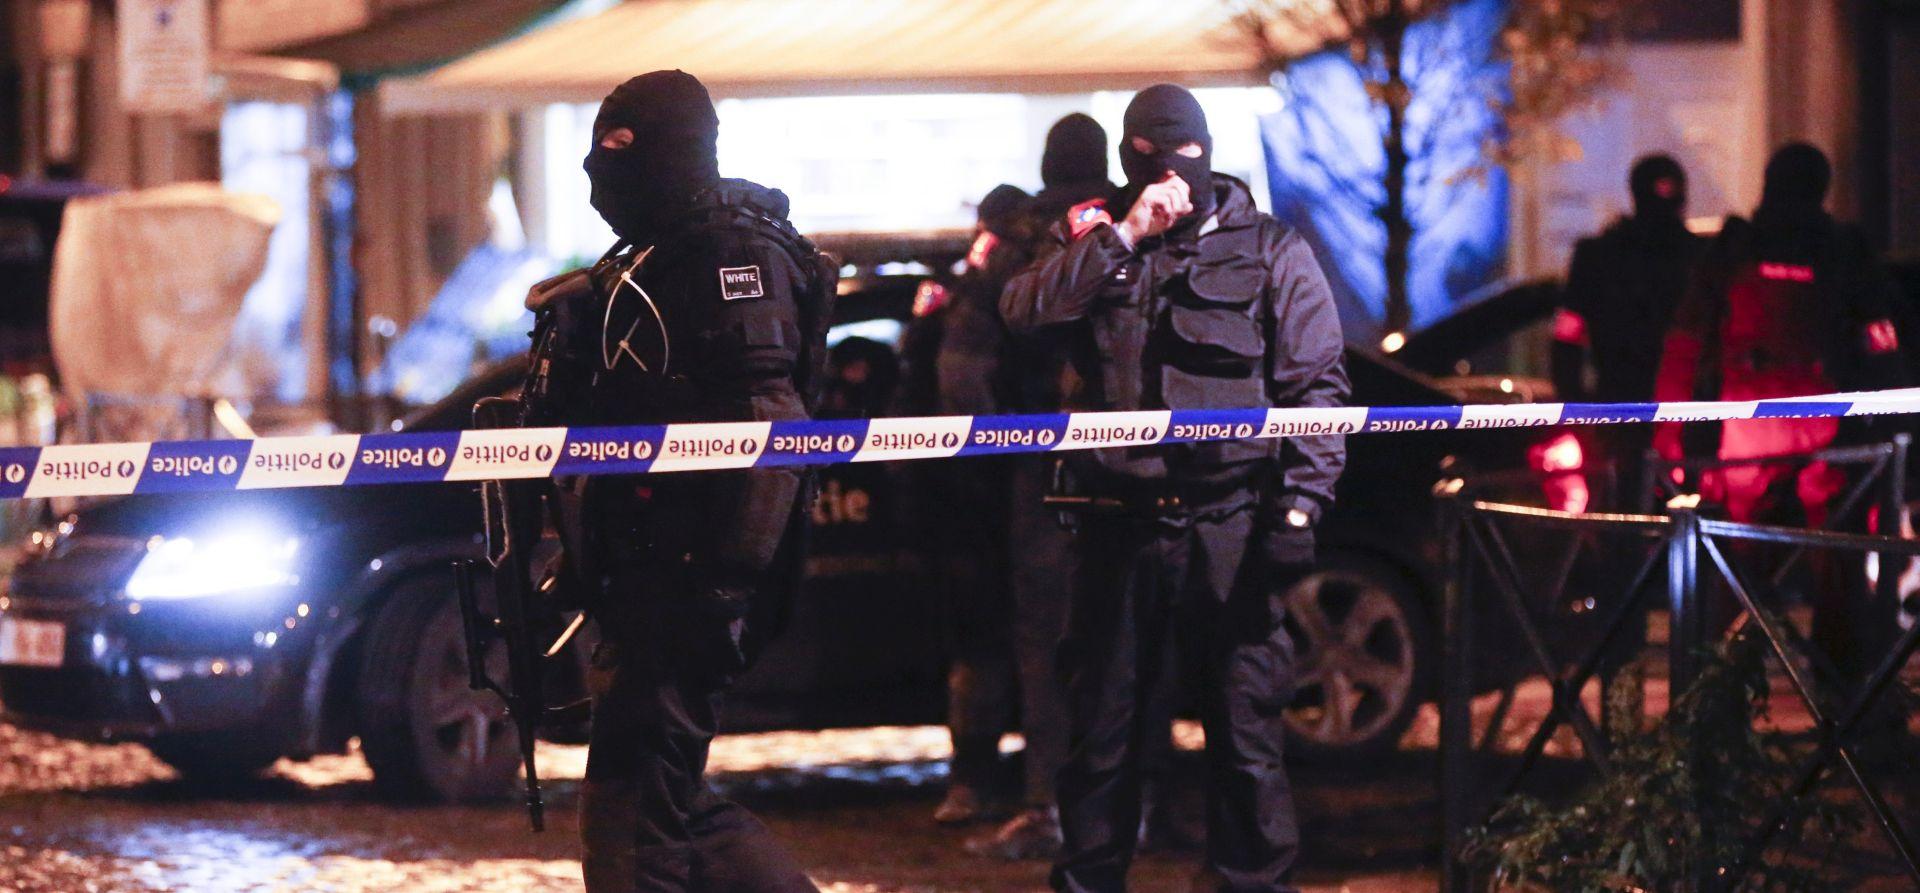 NA ULICAMA POLICIJA I VOJSKA: Policijska operacija u središtu Bruxellesa